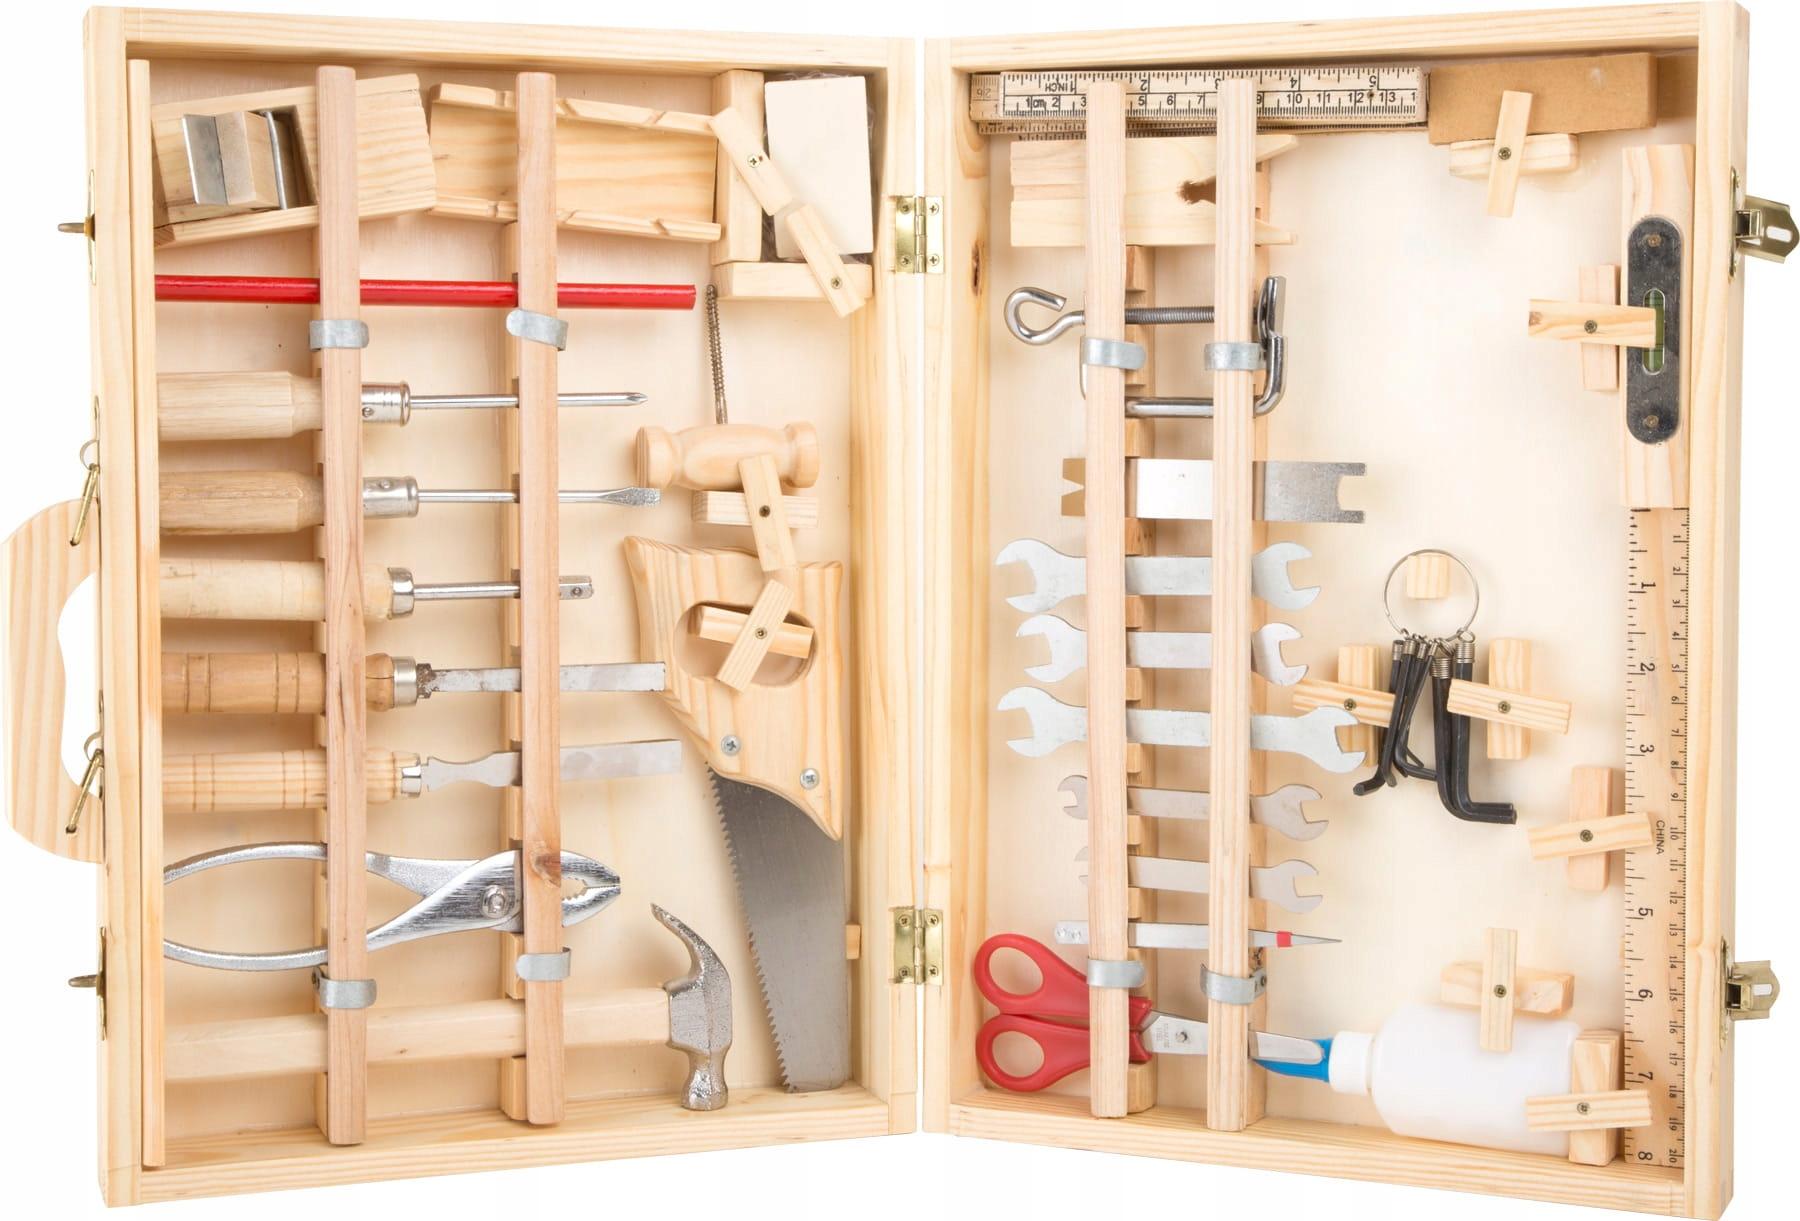 Sada nástrojov - skutočné nástroje